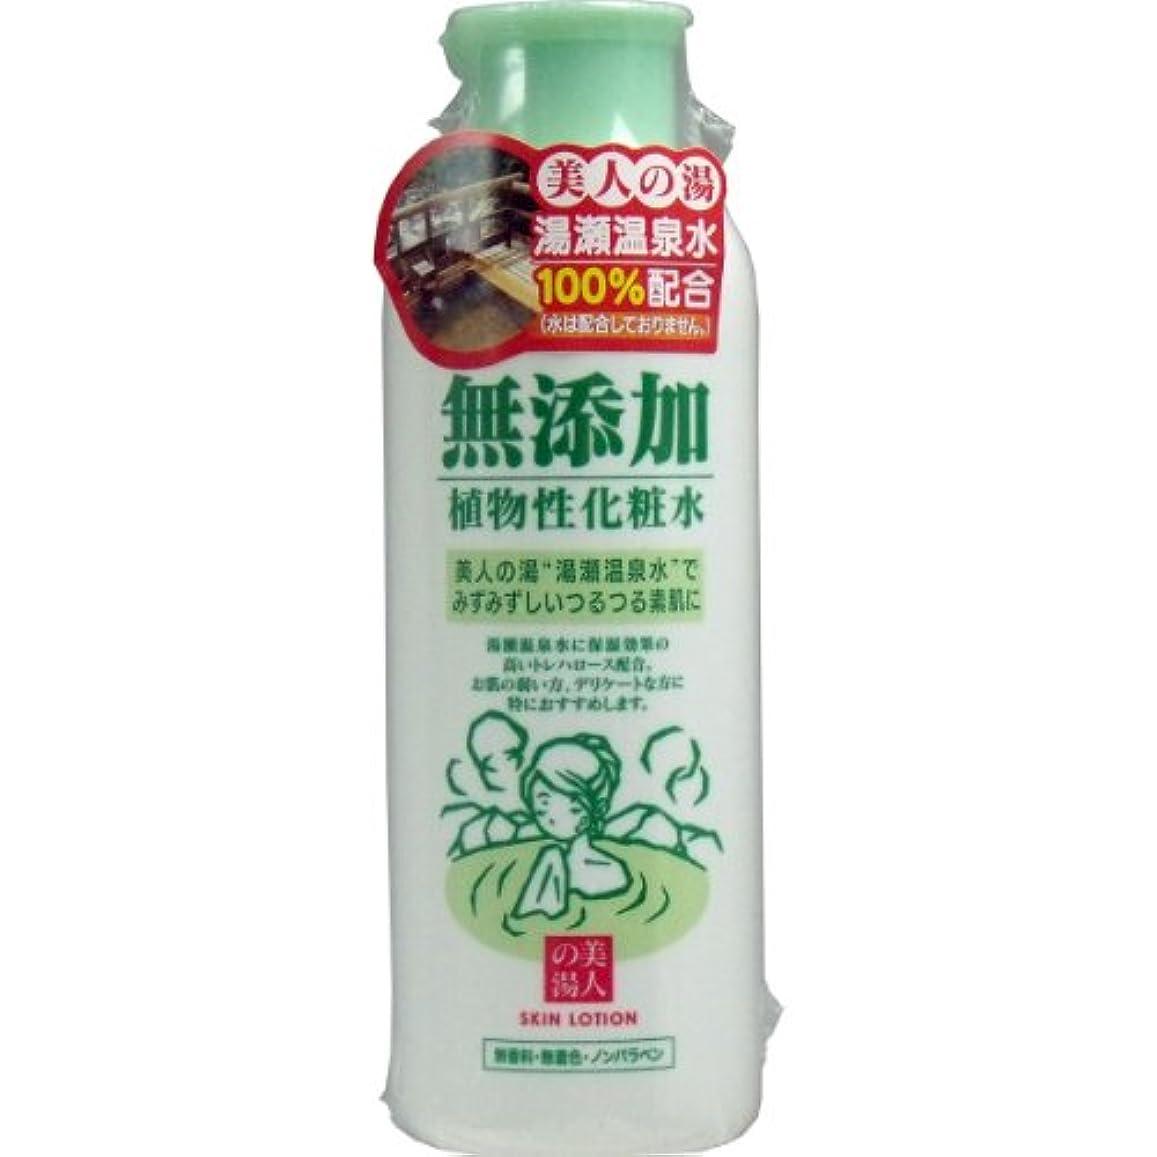 フィールド半円マークされたユゼ 無添加植物性 化粧水 200ml 【3セット】